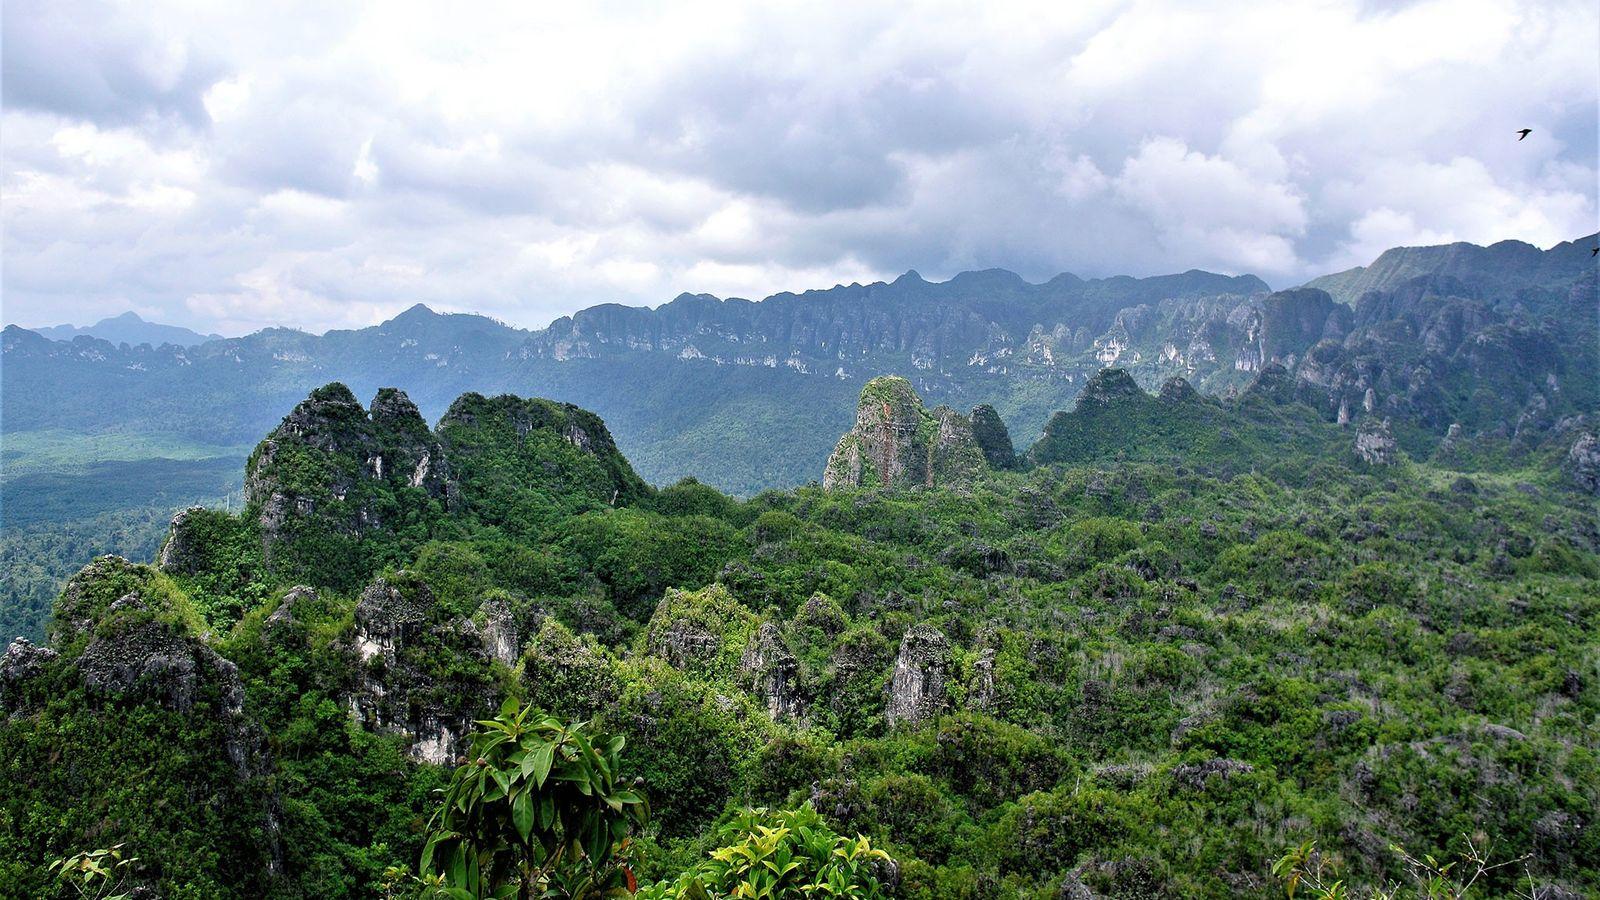 La galería de arte rupestre antiguo está escondida en las cuevas de piedra caliza de Kalimantan ...